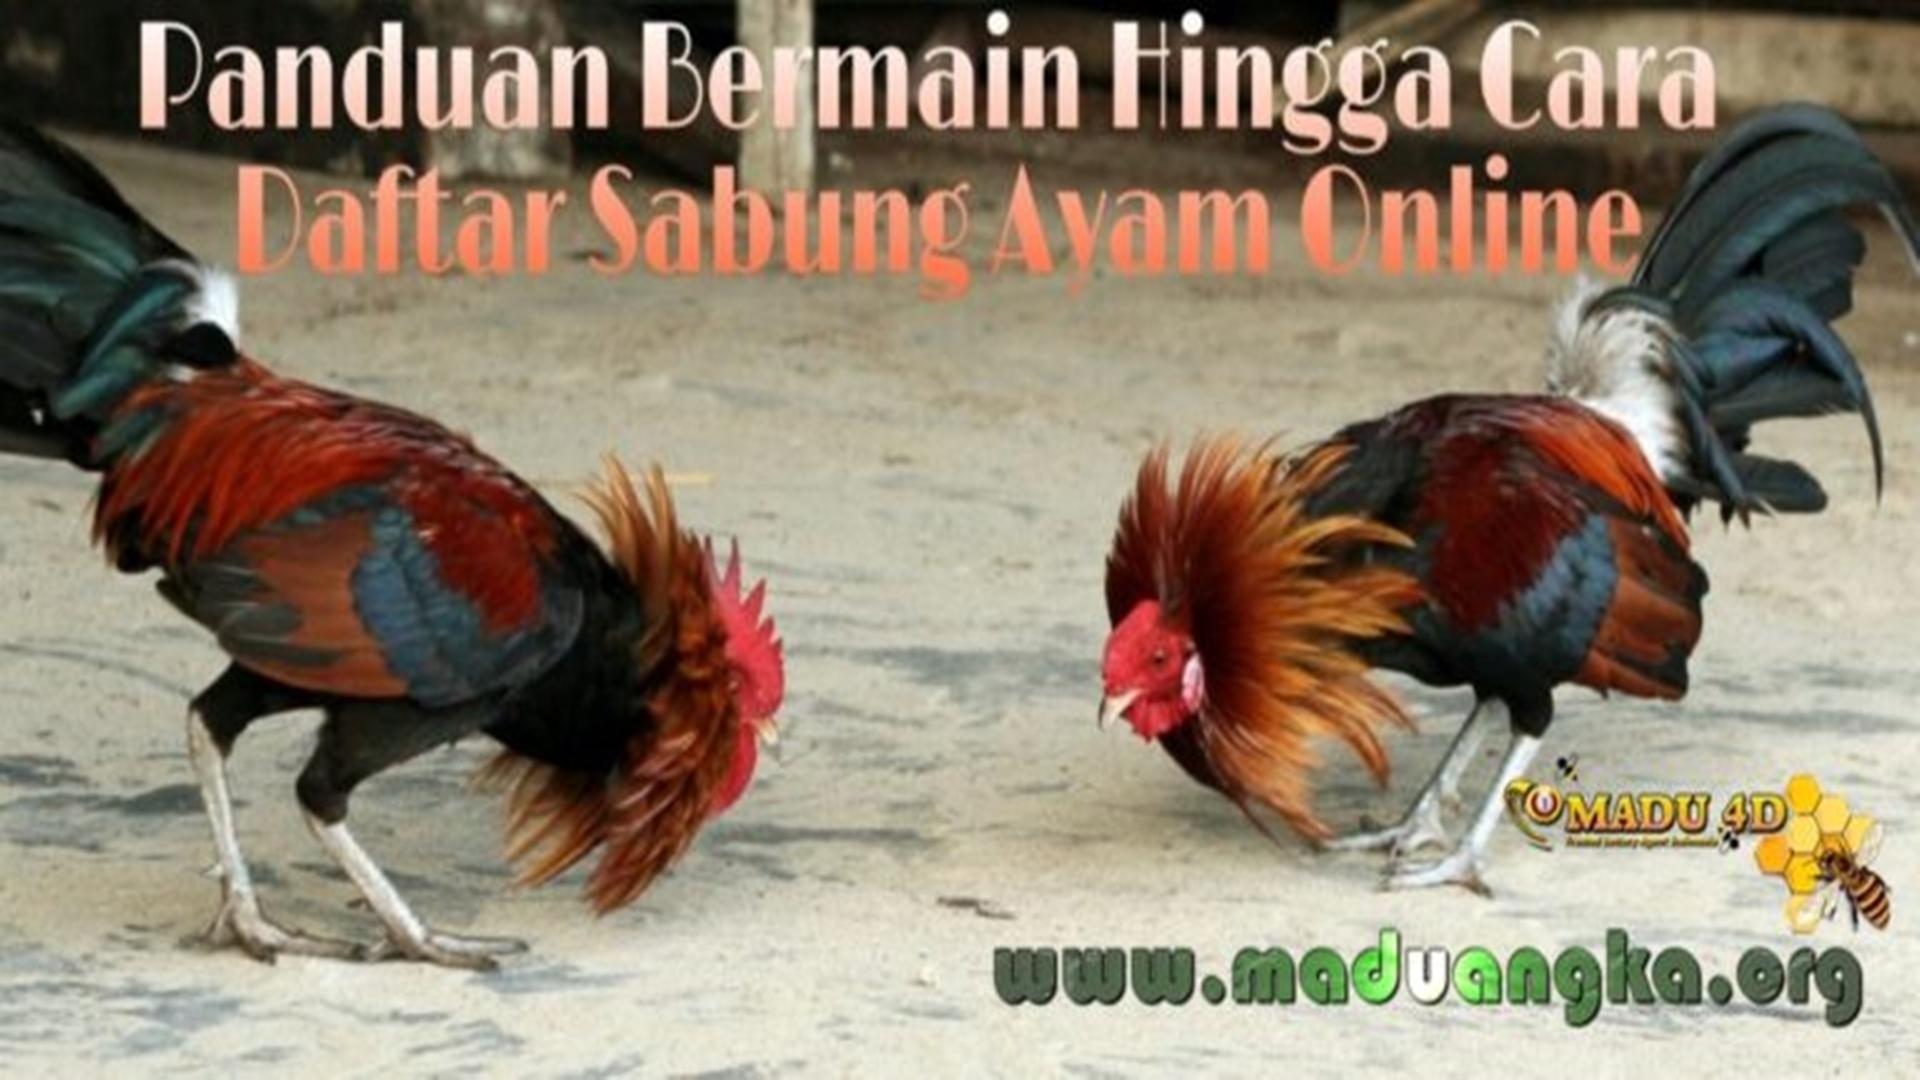 Panduan Bermain Sabung Ayam